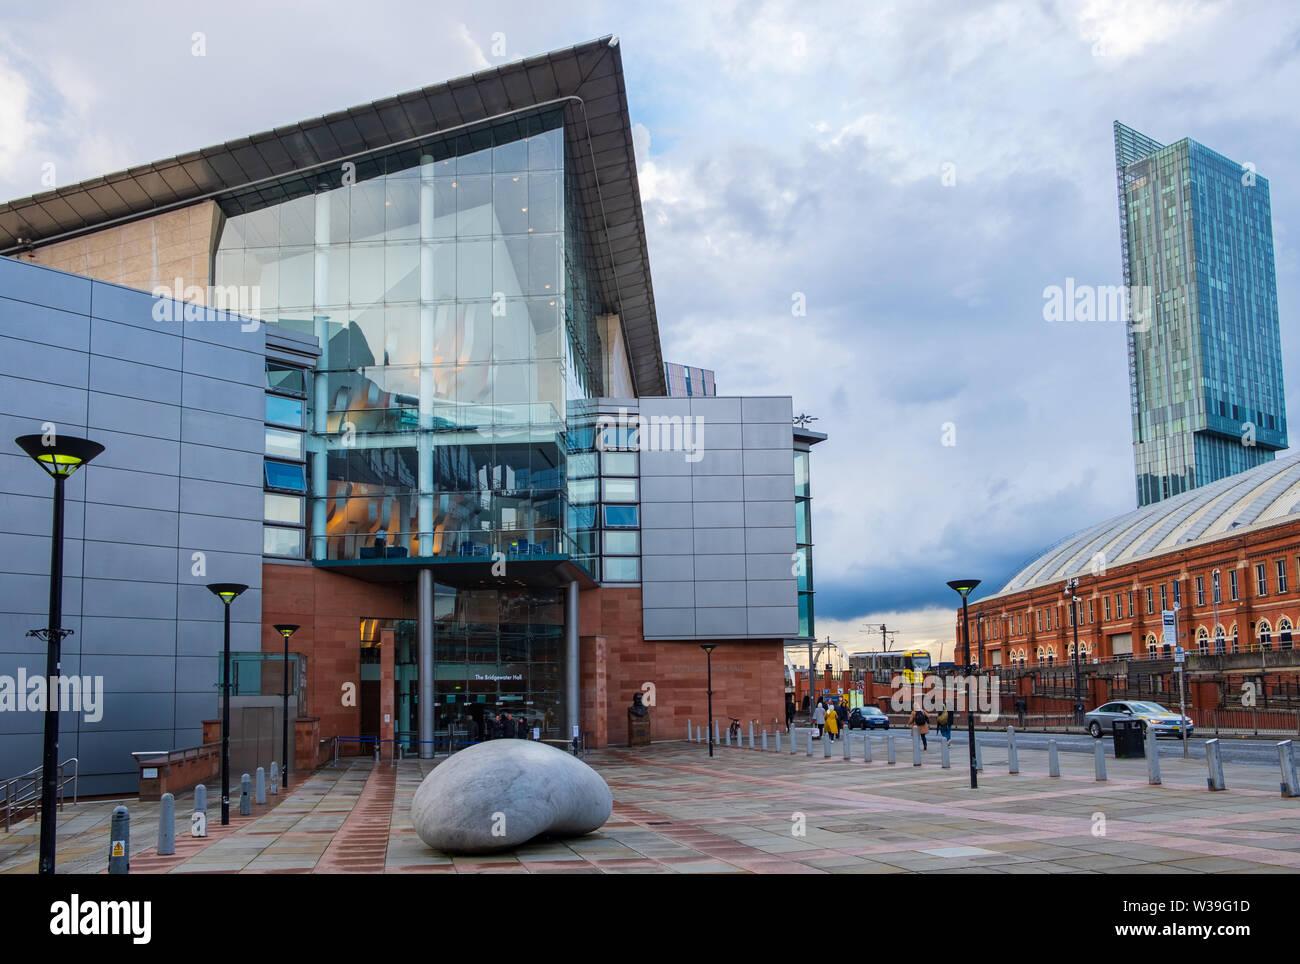 Manchester, Regno Unito - 25 Aprile 2019: la Bridgewater Hall di fronte al Manchester Central Conference Centre. La Bridgewater Hall è un Ospiti int Foto Stock